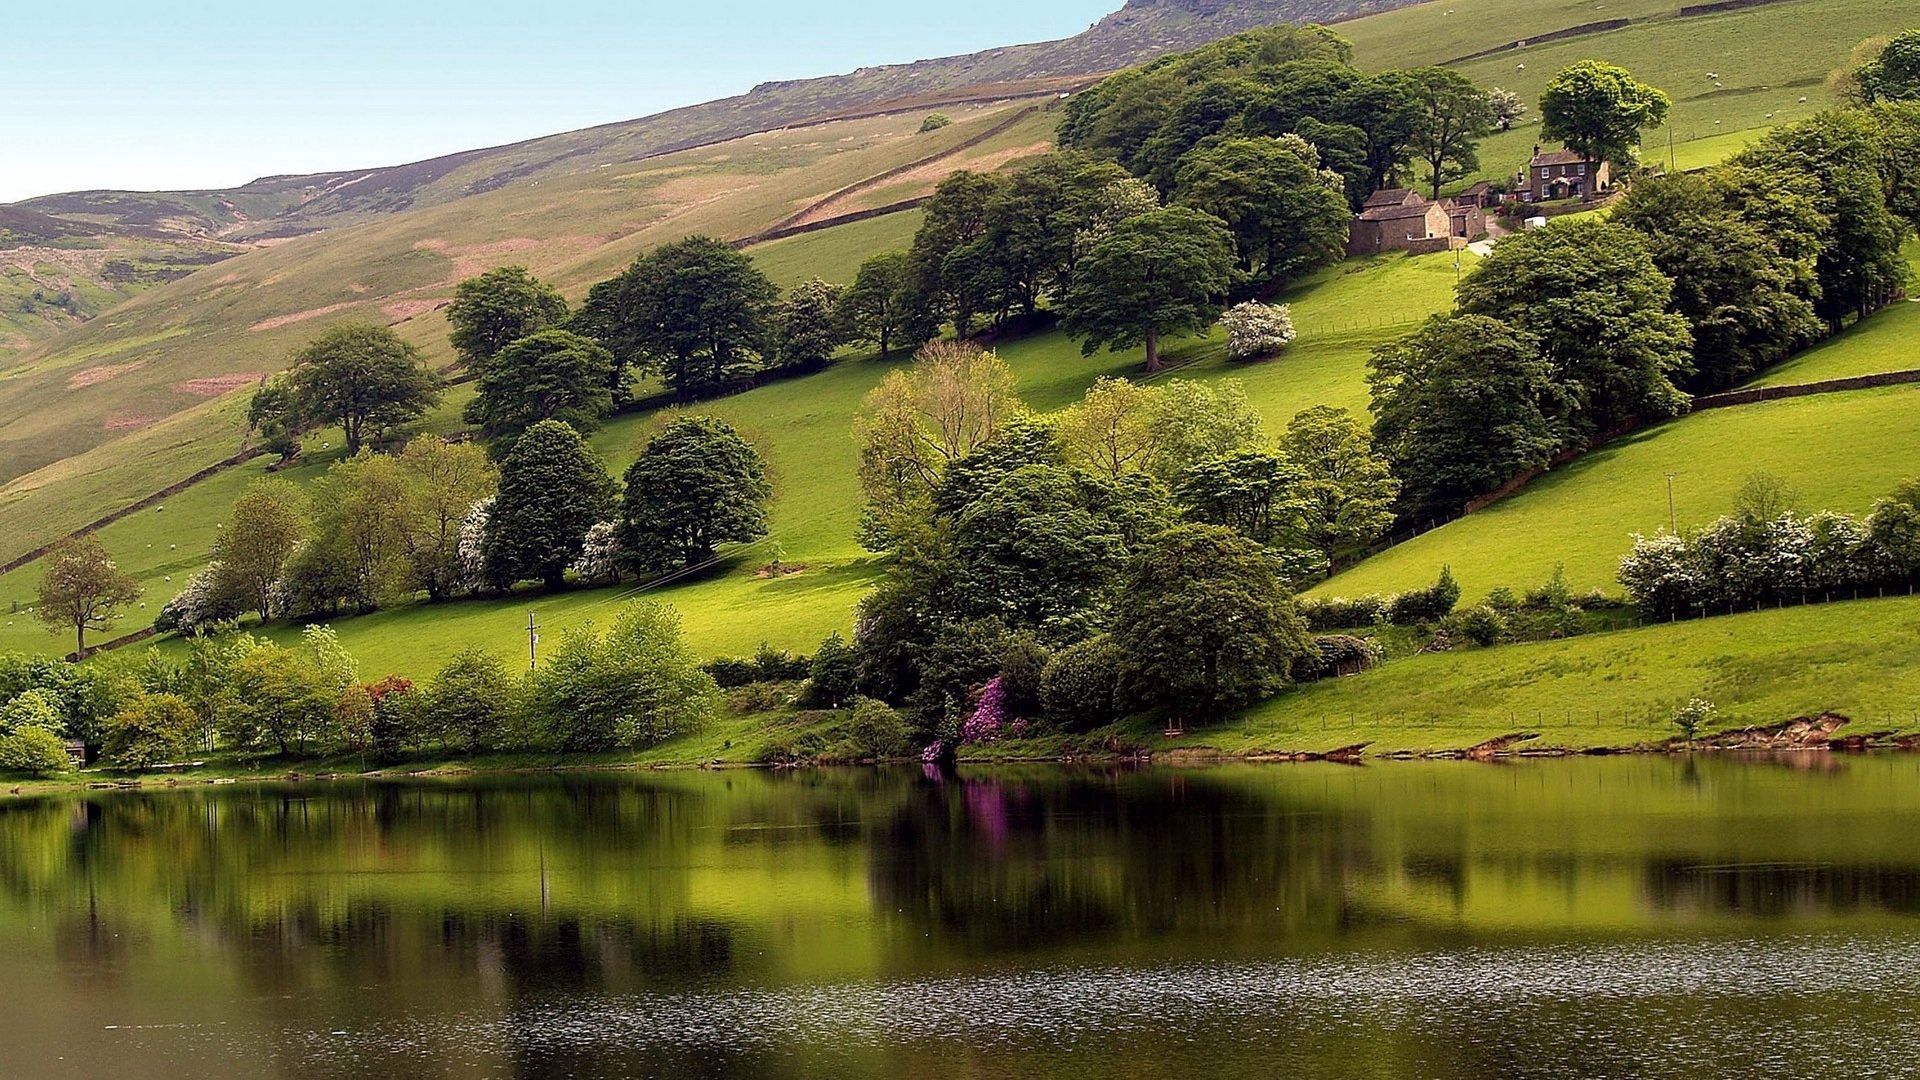 88075 скачать обои Природа, Дома, Деревья, Трава, Озеро, Зелень, Склон - заставки и картинки бесплатно